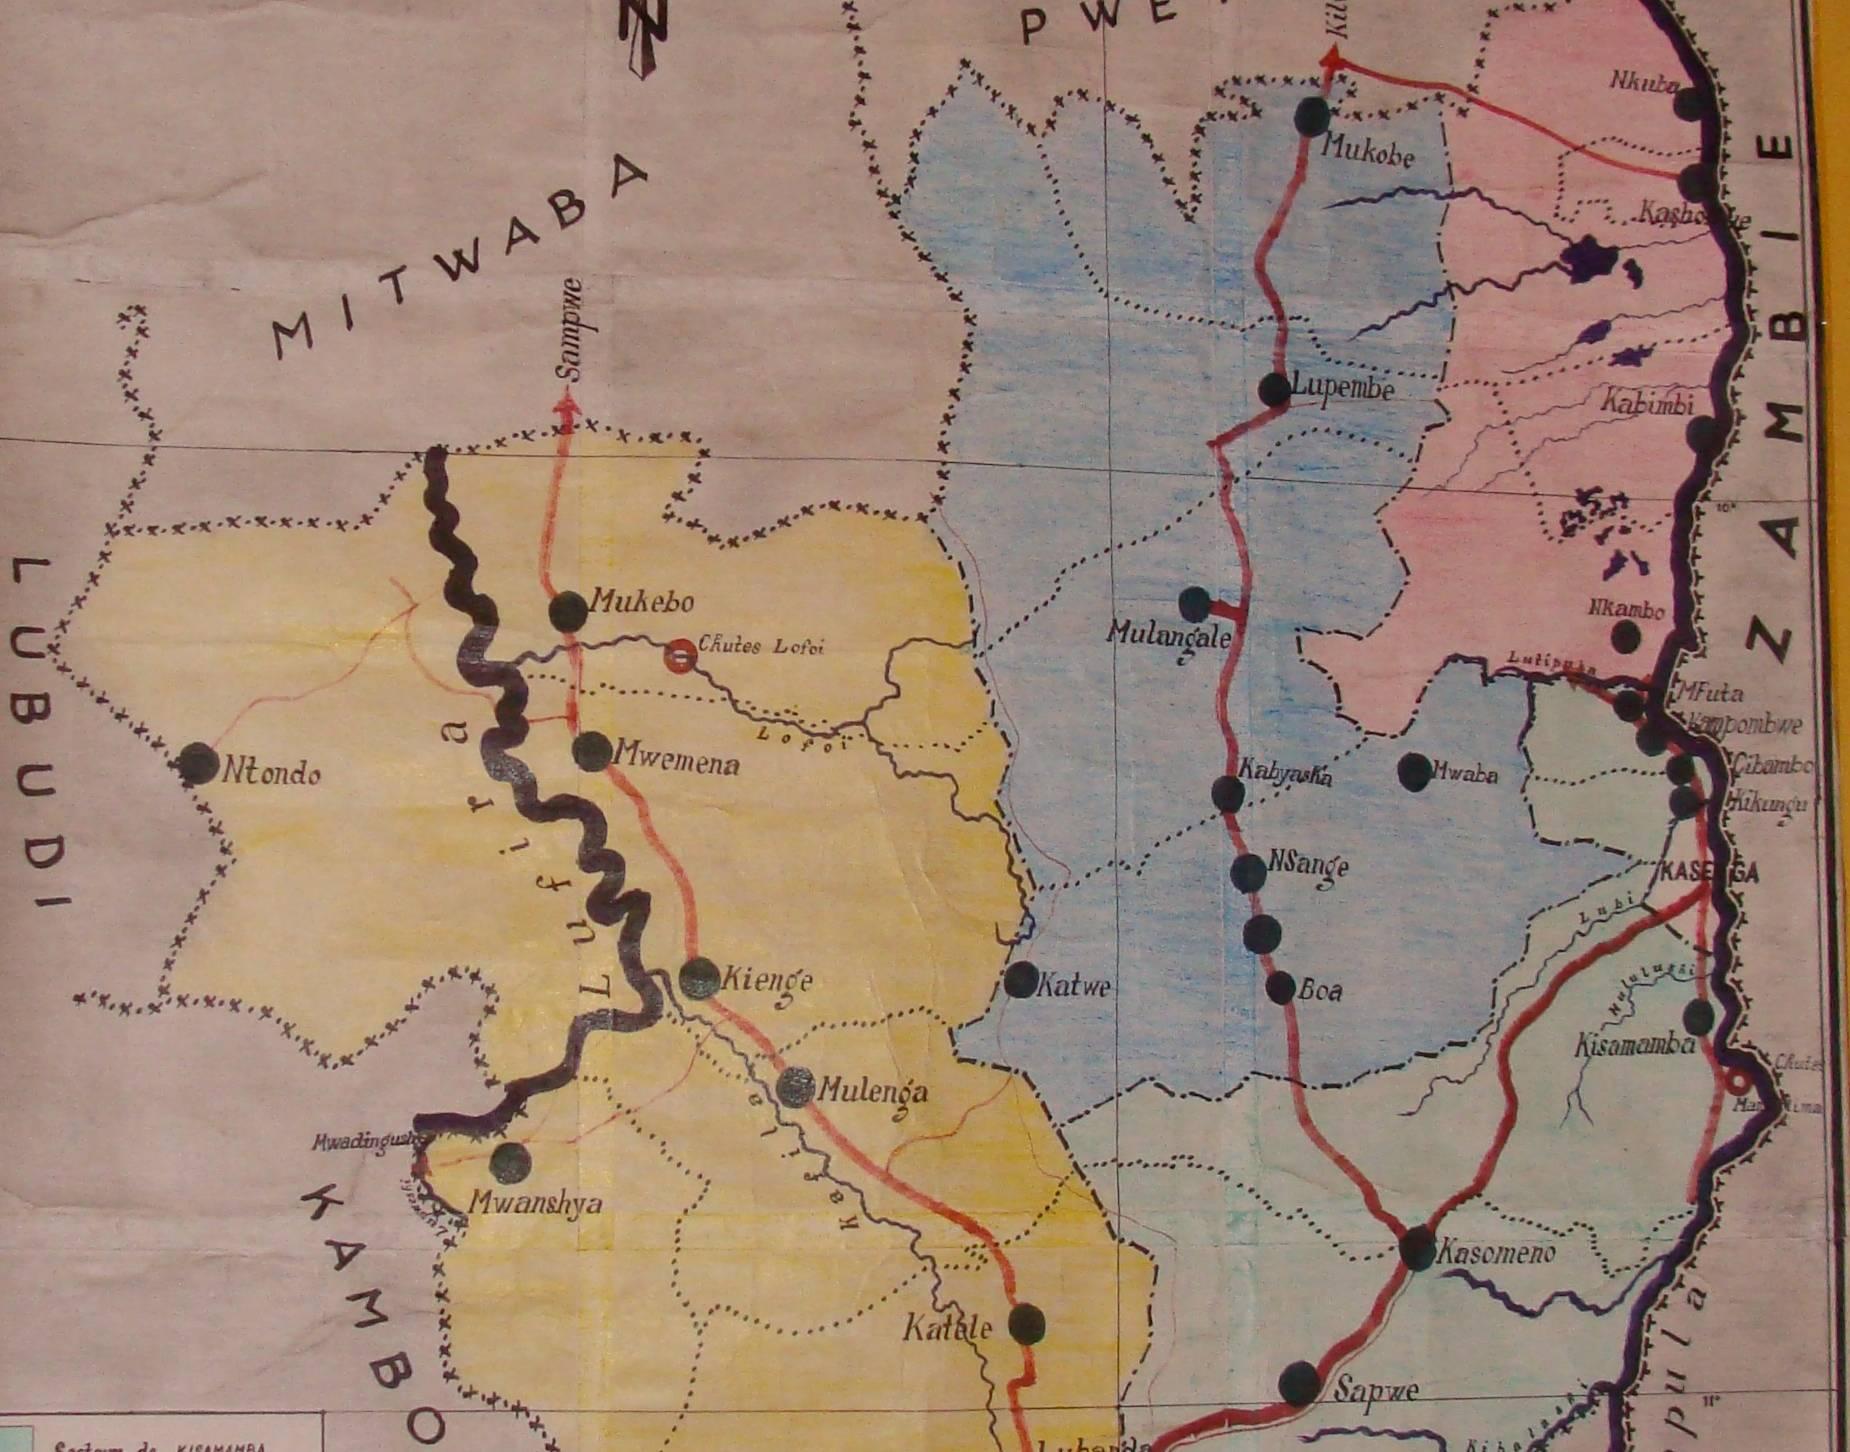 Kasenga District